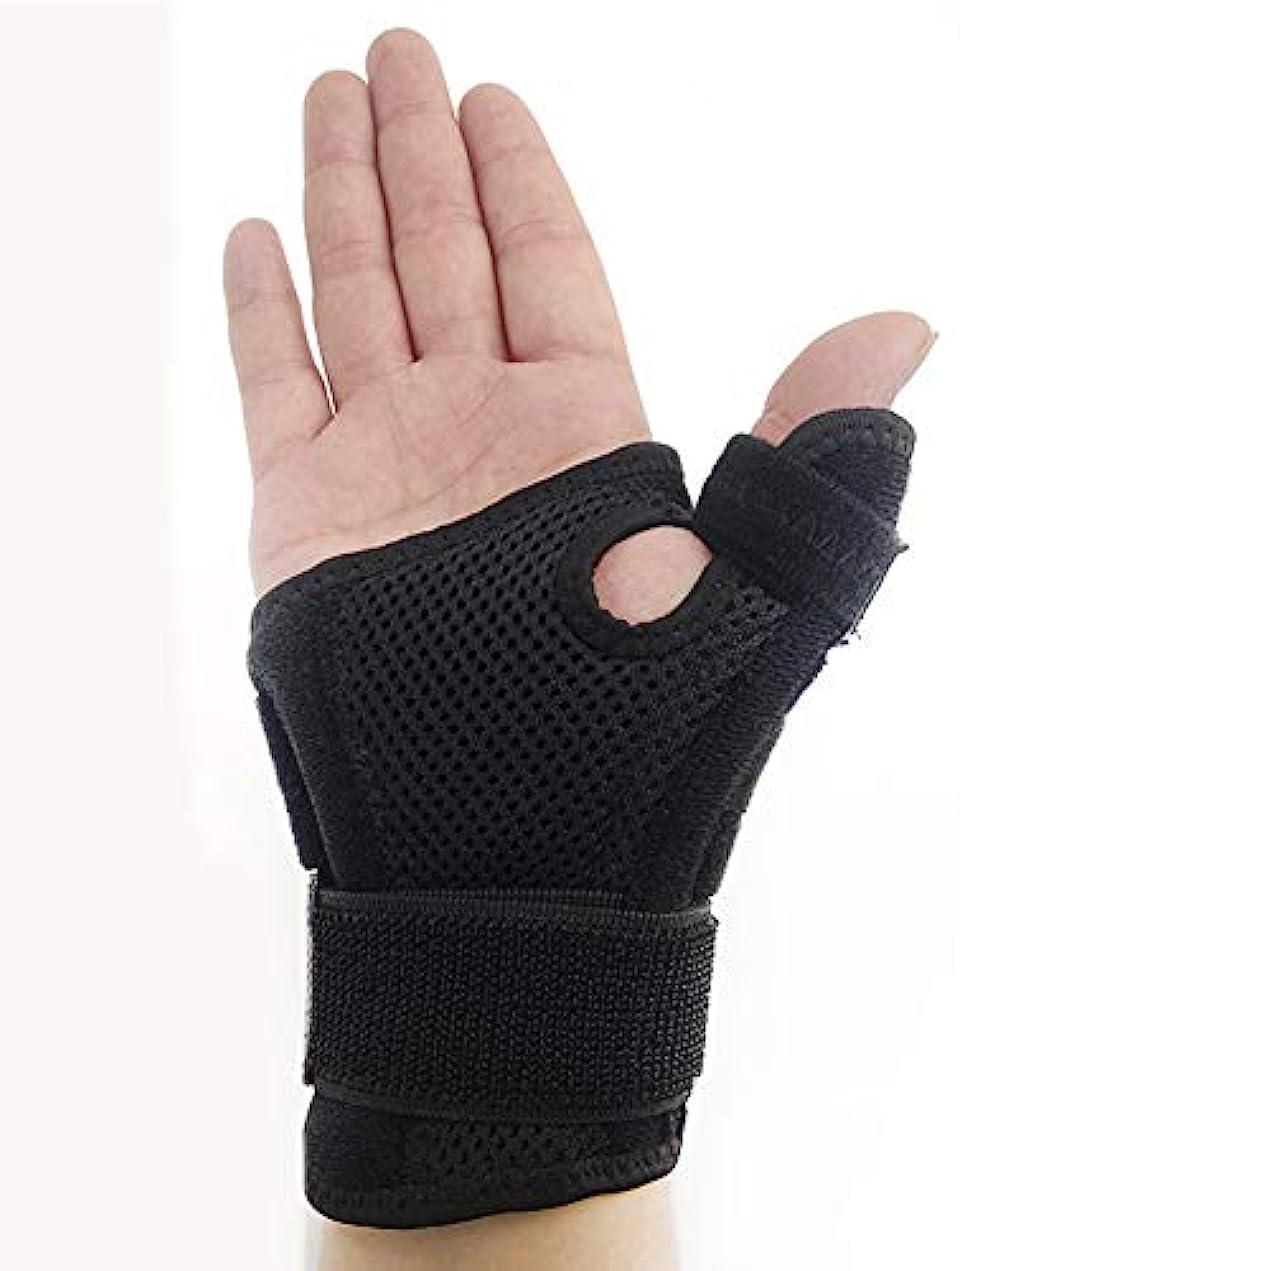 必要とするそっと胆嚢右と左の手黒のヘルスケアのための親指の保護ブレースサポートスプリントの親指の共同捻挫ガード